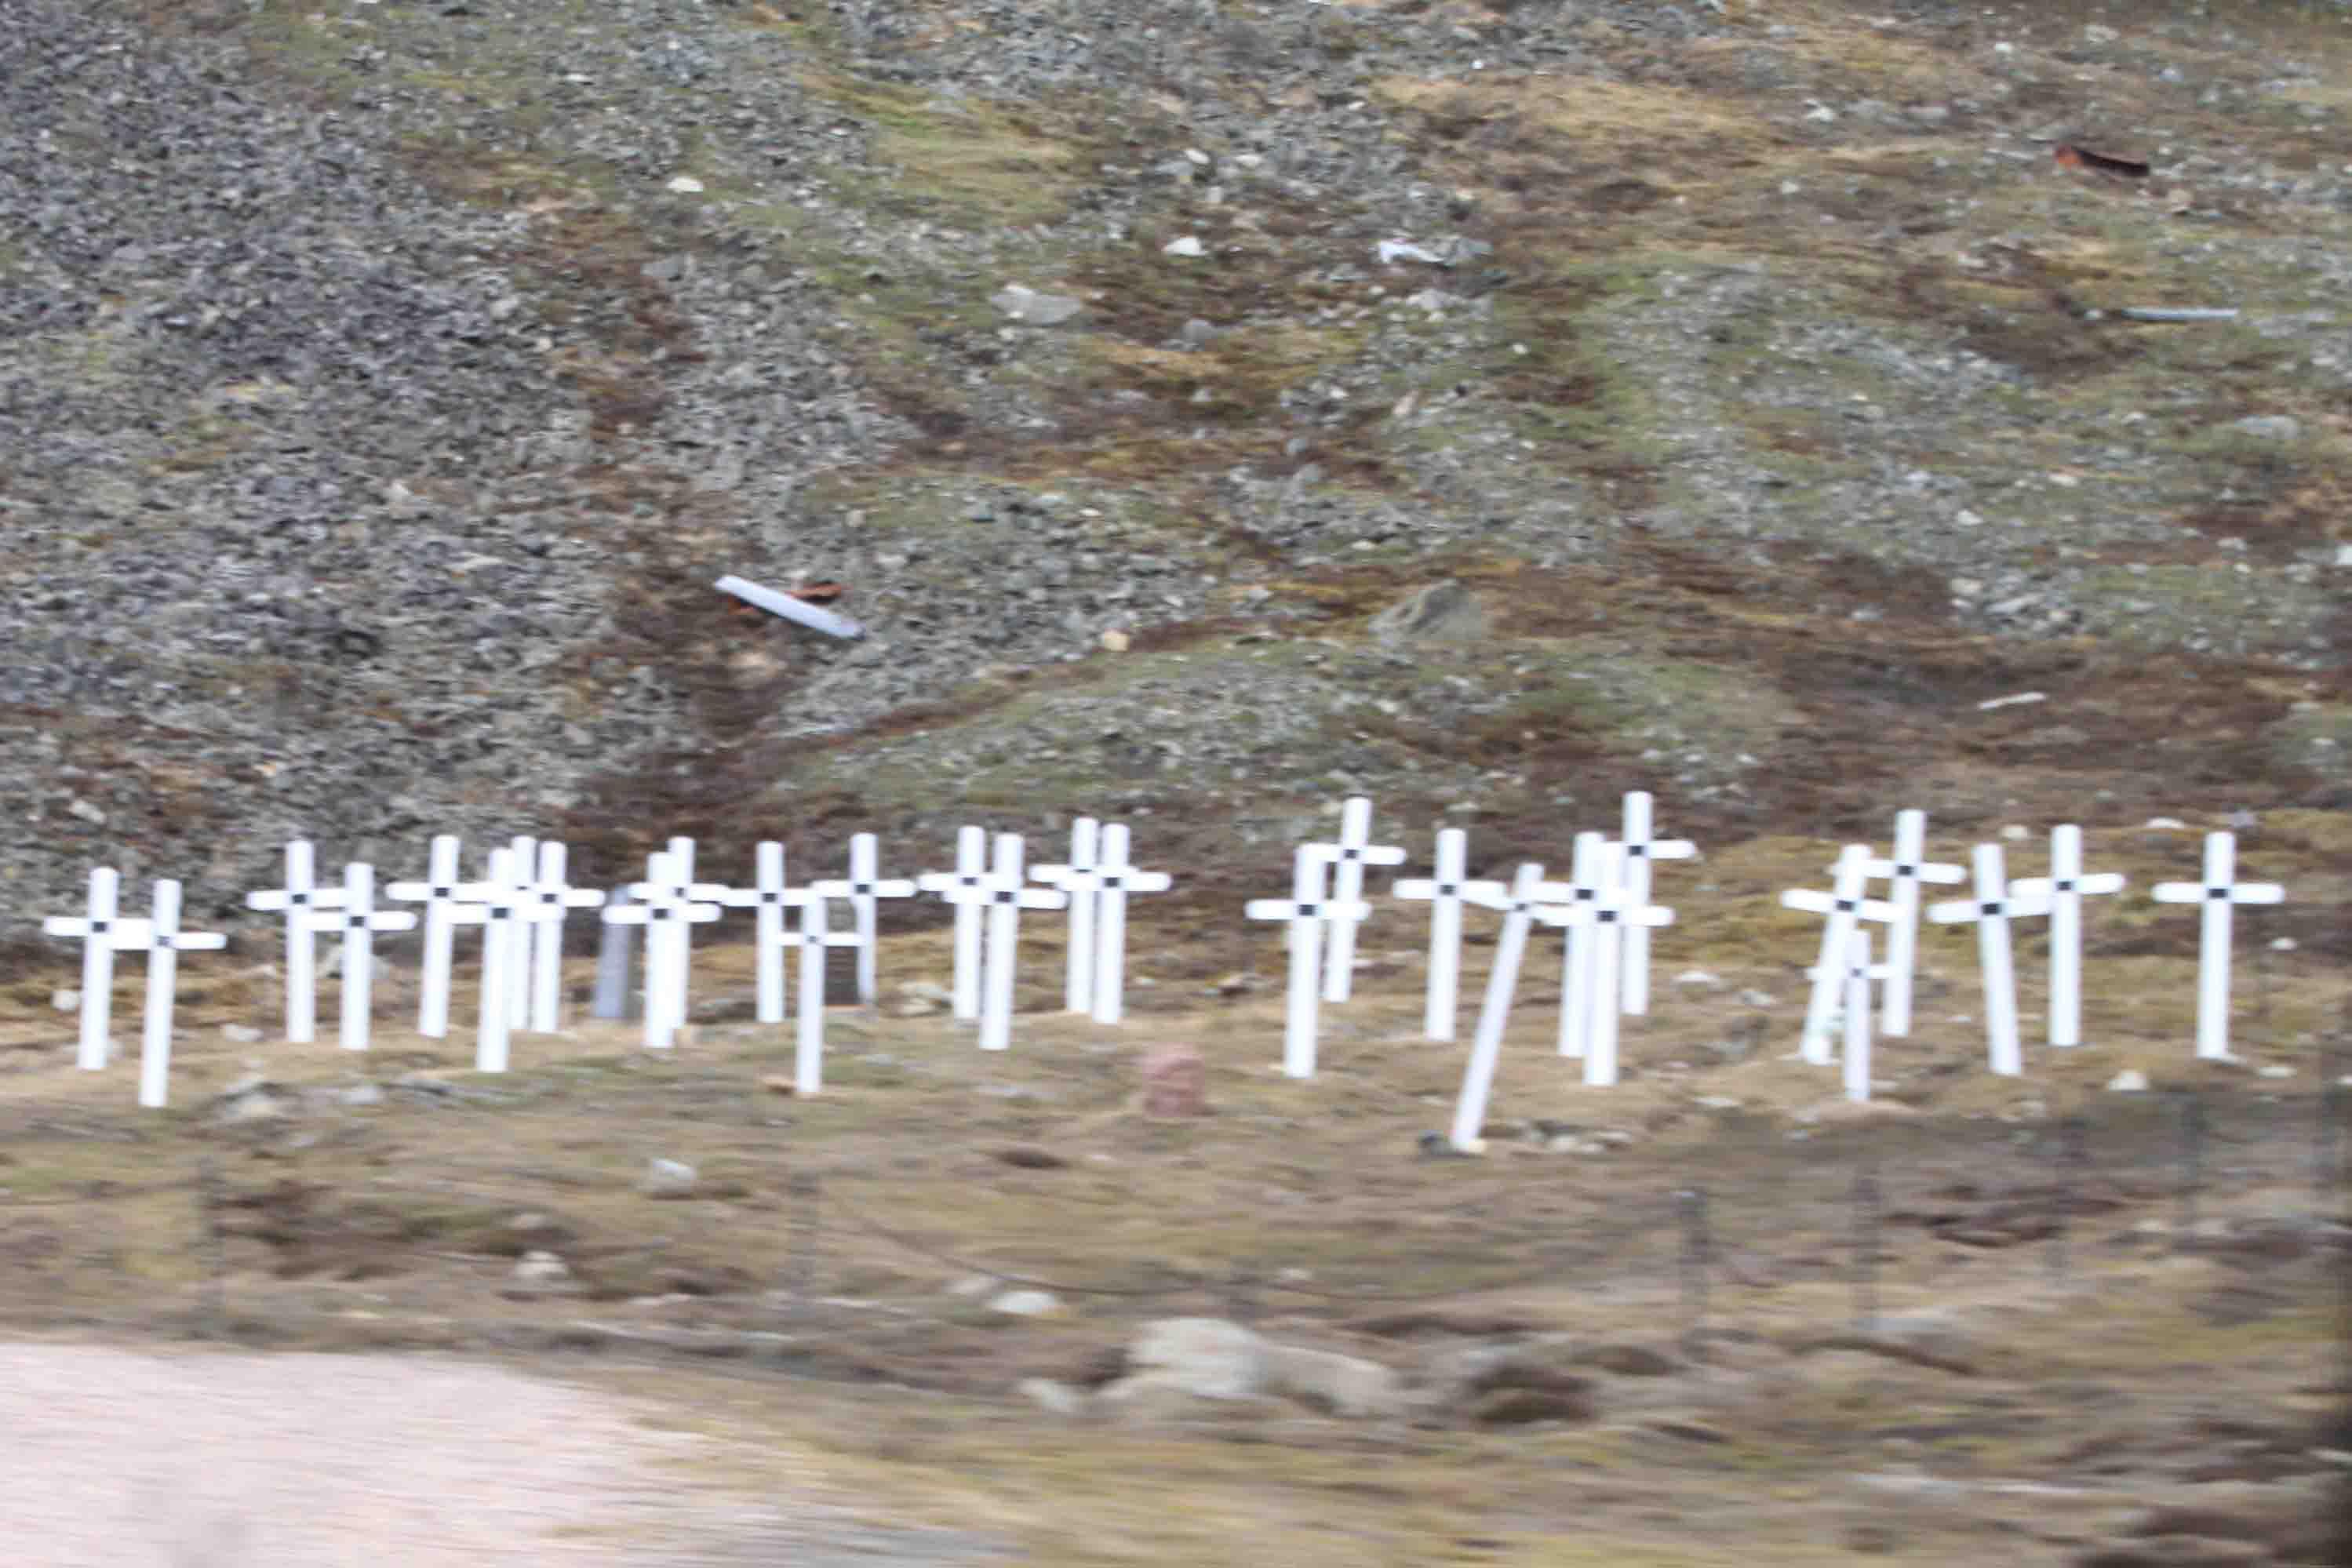 old cemetery in Longyearbyen, Spitsbergen